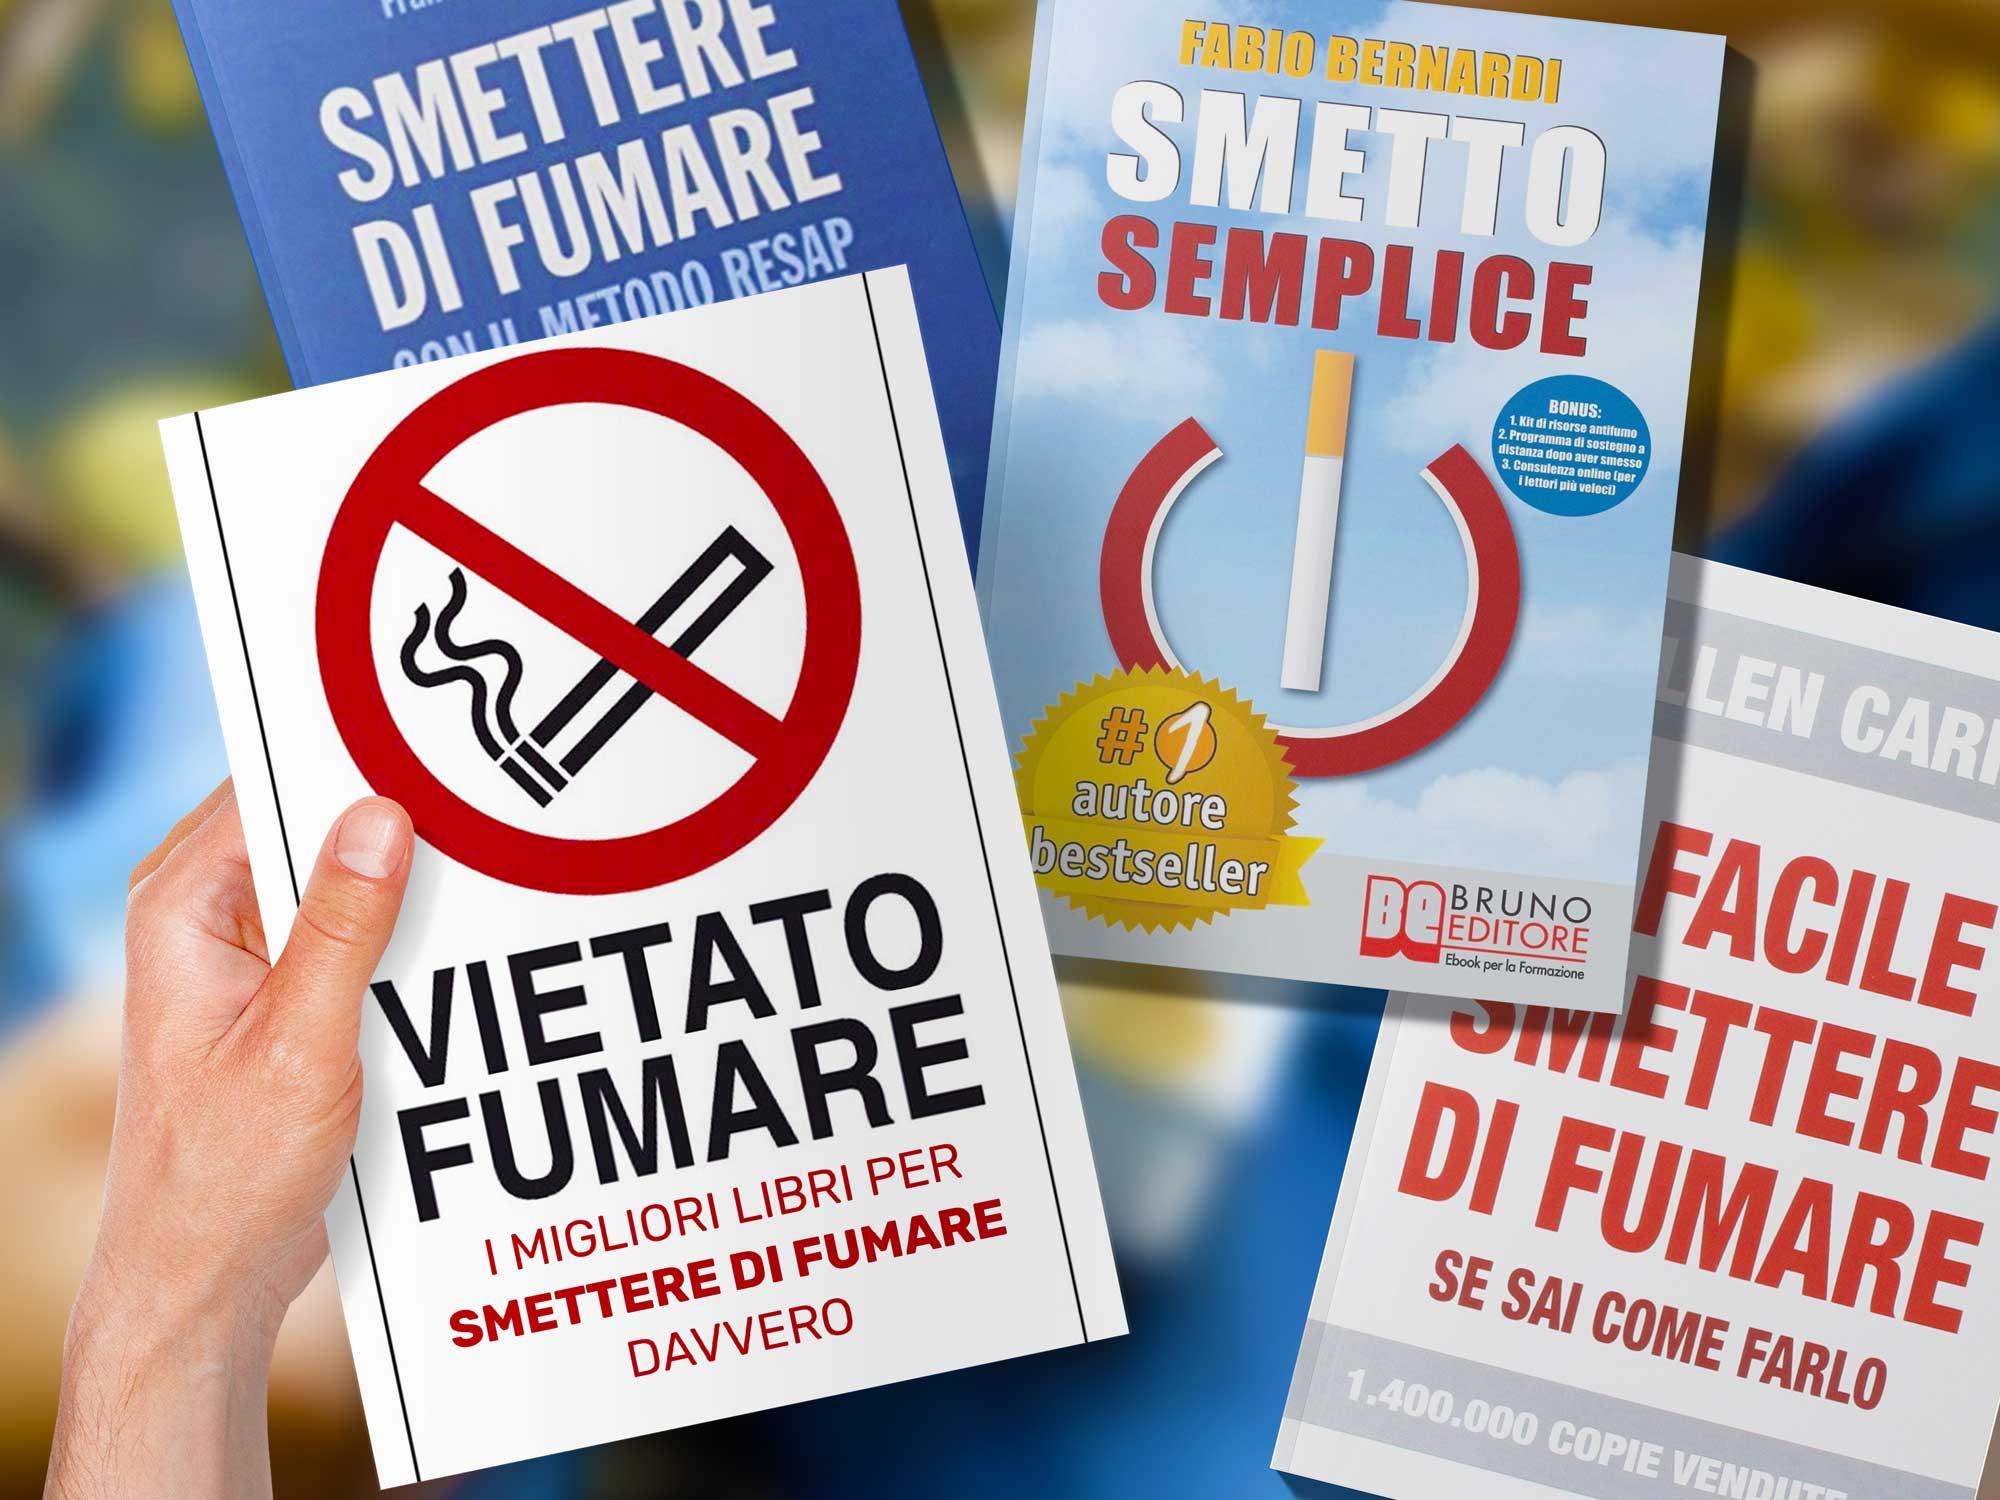 Libri Per Smettere Di Fumare (Testimonianze E Migliore Libro Da Leggere)